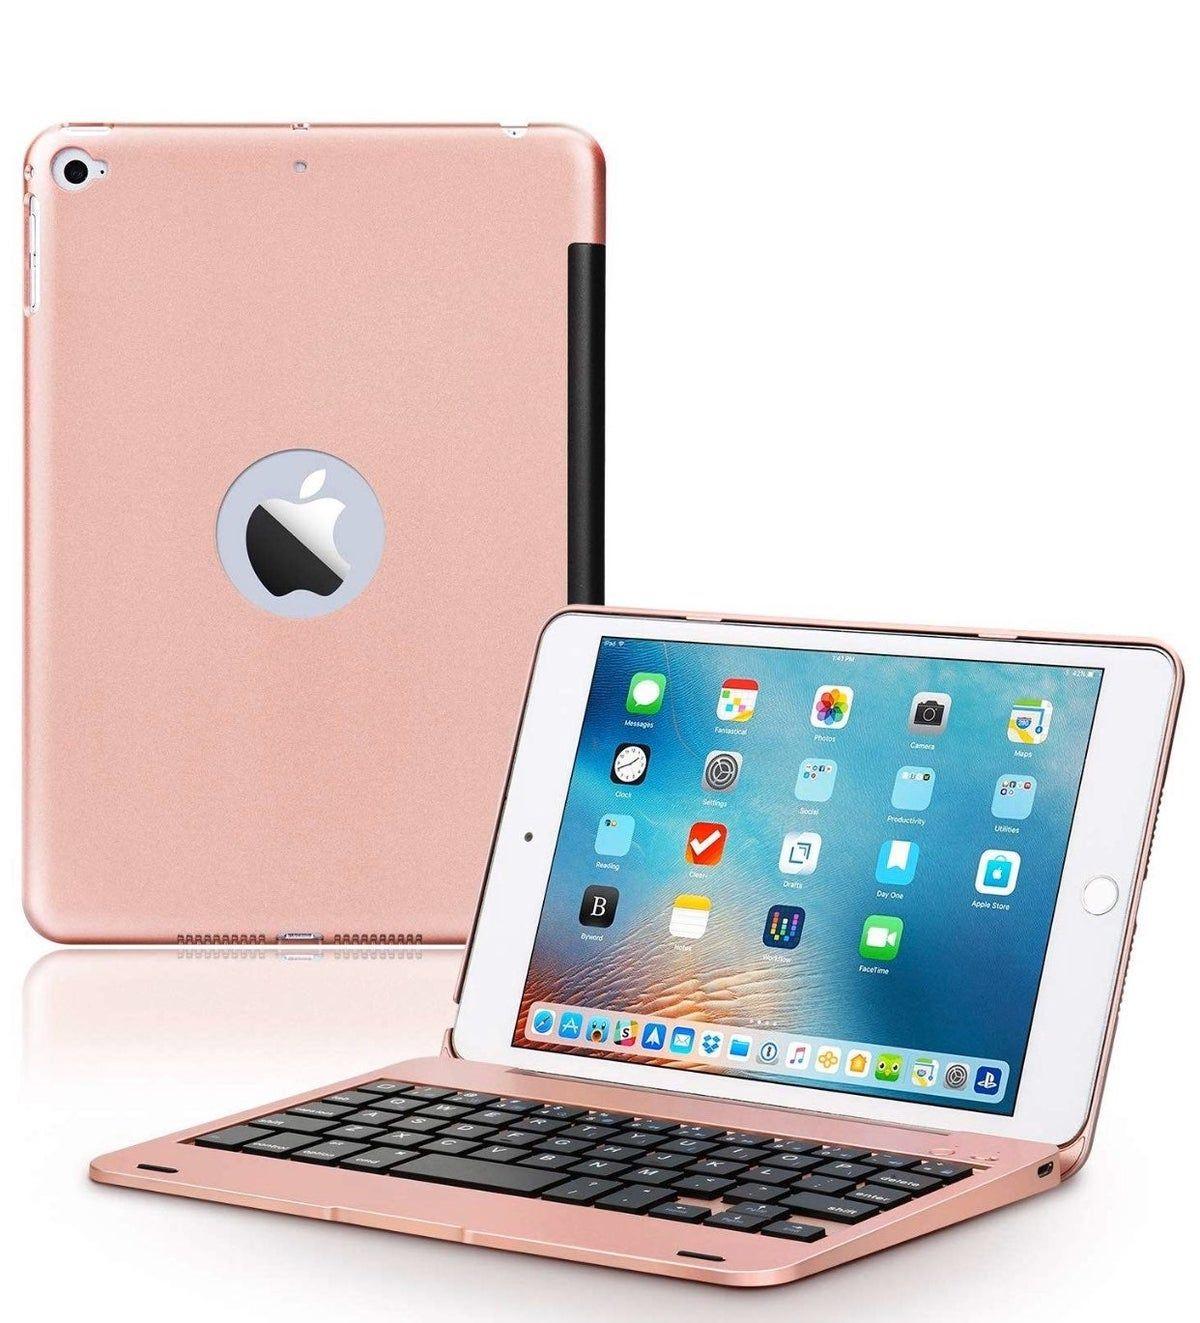 Wireless Keyboard Case for iPad Mini 4 on Mercari in 2020